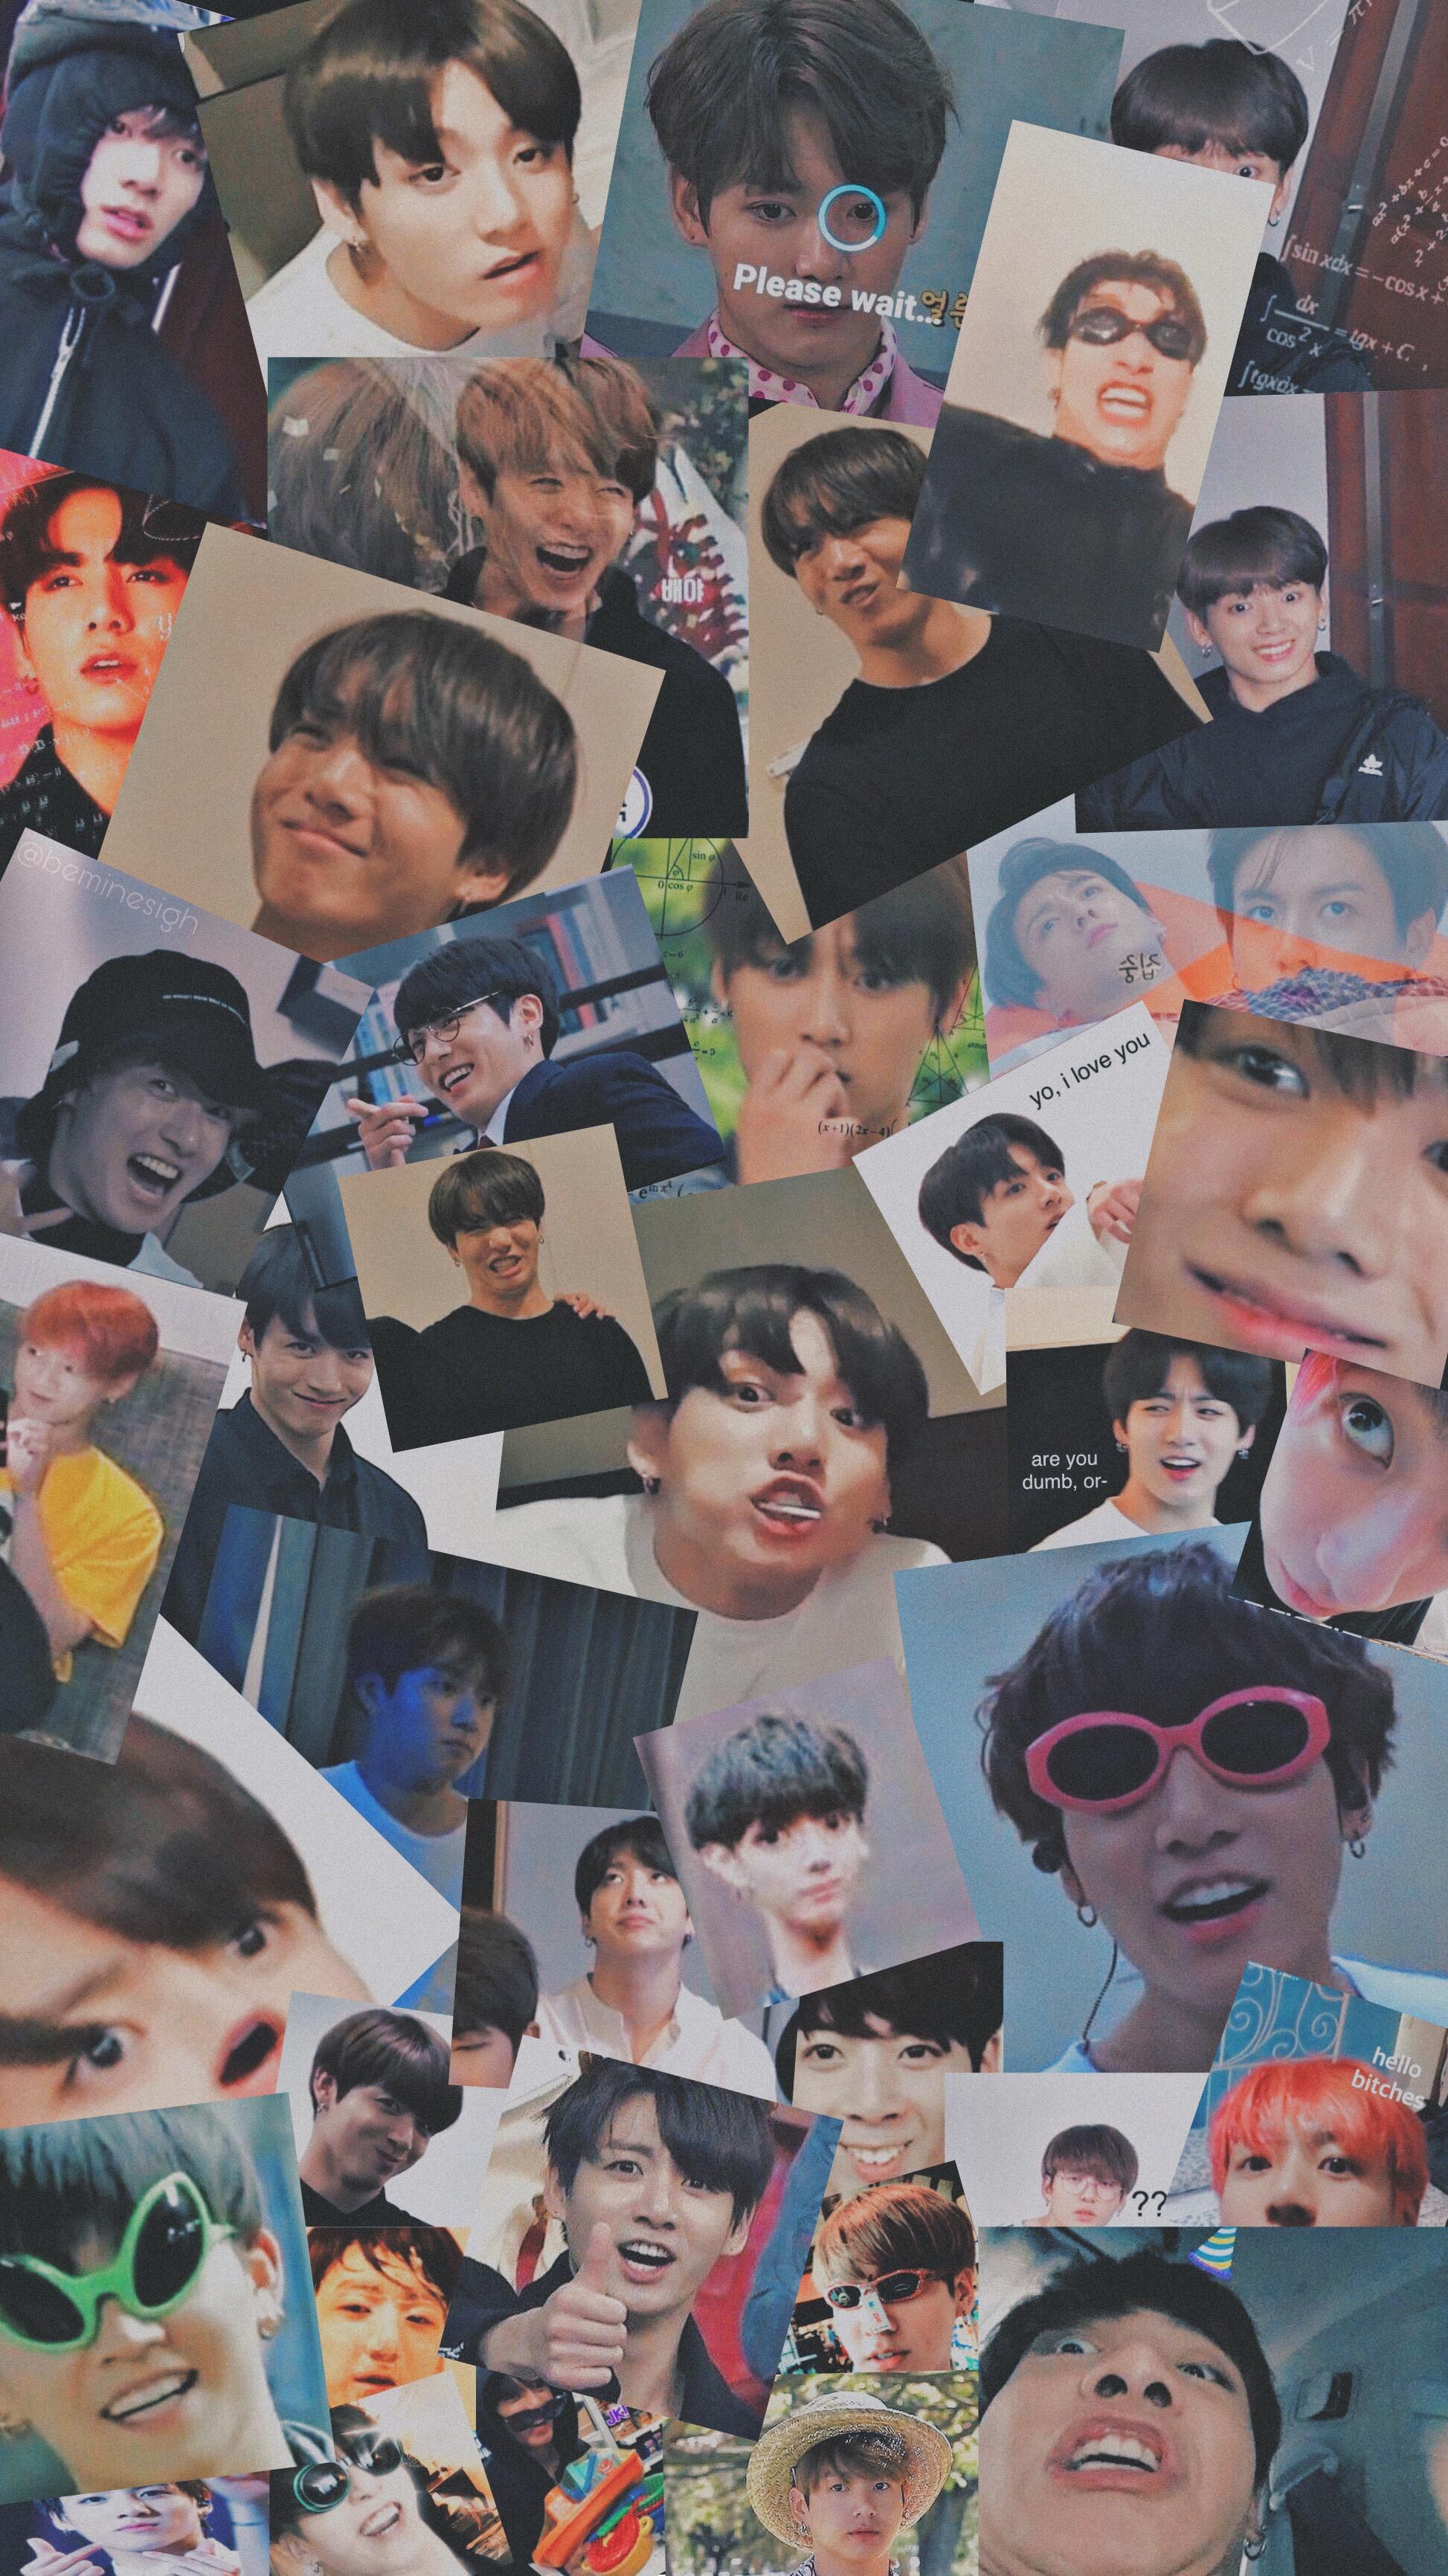 Jungkook Wallpaper Memes Messy Bts Image By Shay Park